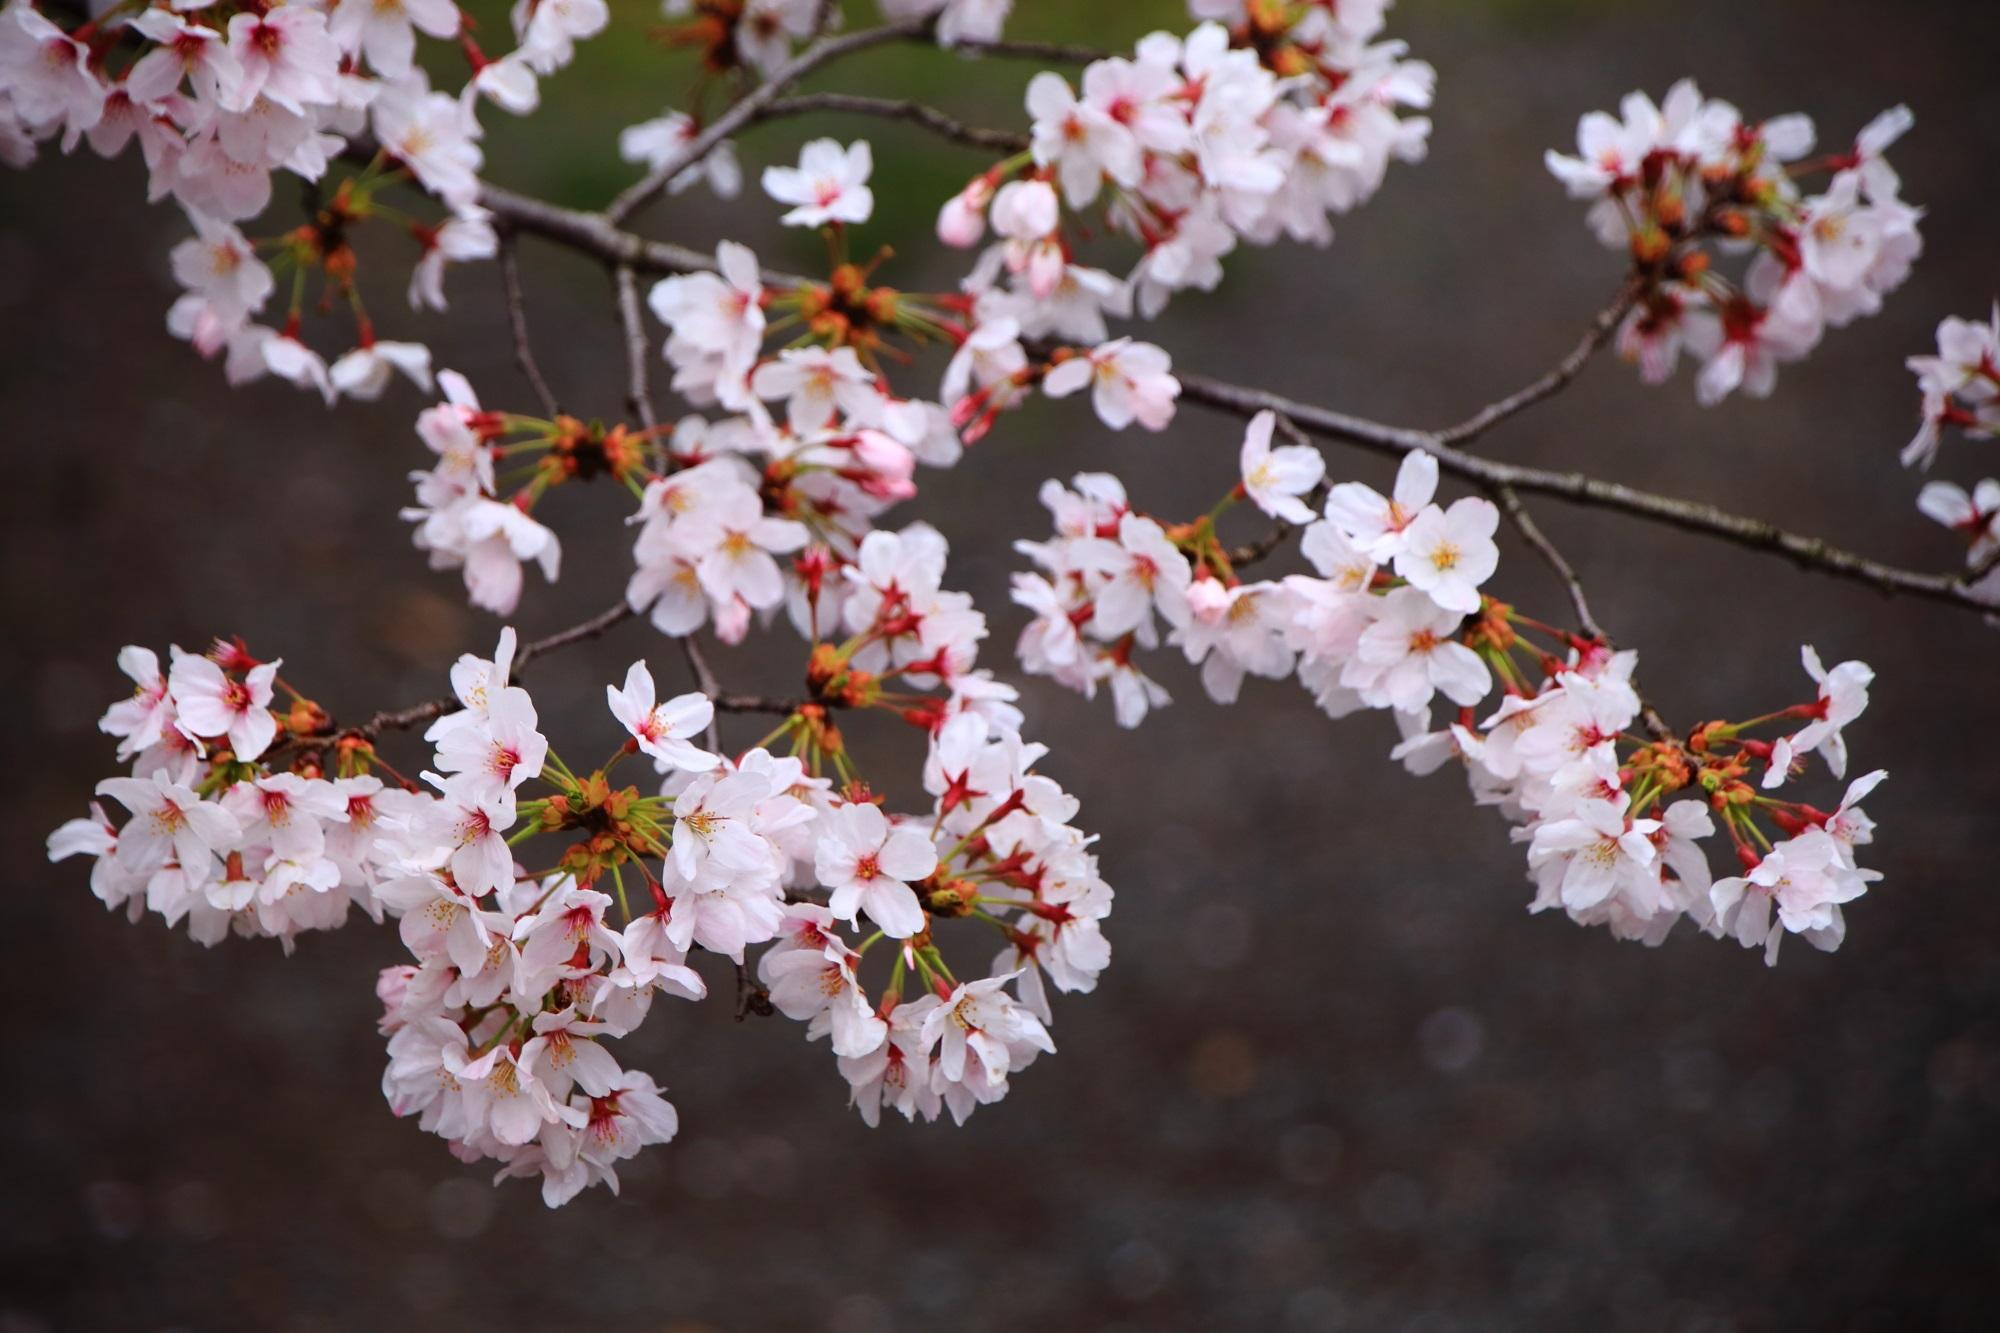 結構低い位置にも枝が伸びて地面をも春色に彩る桜